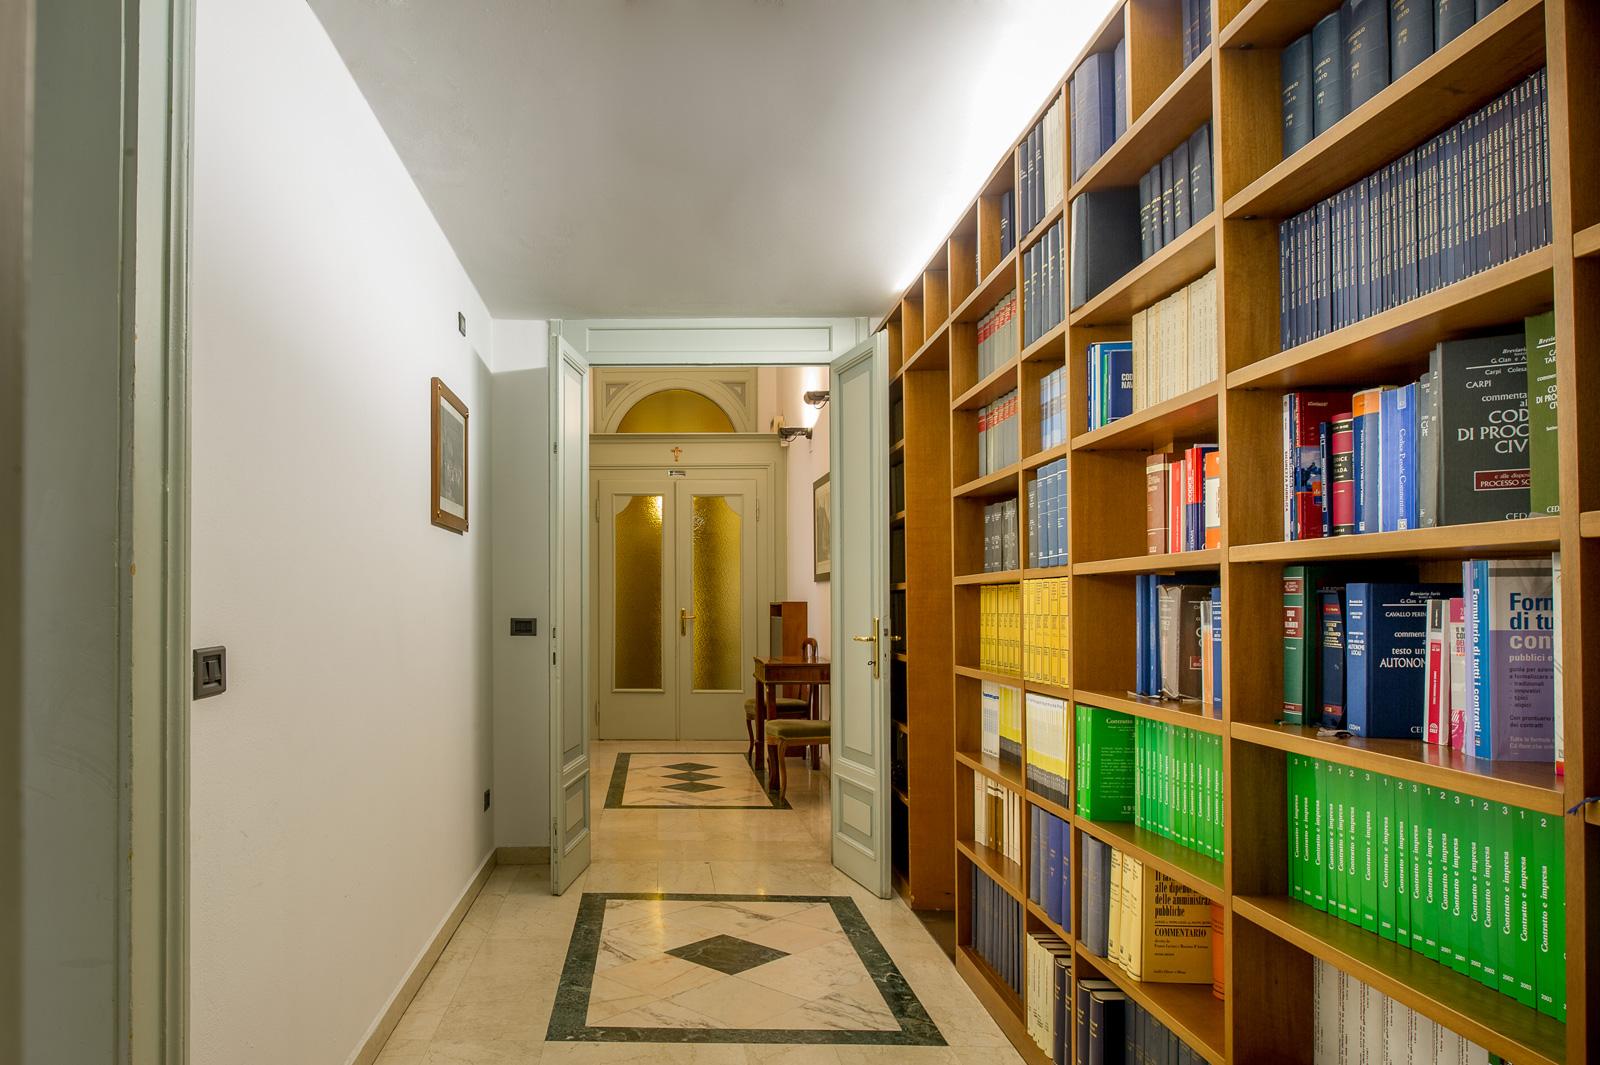 libreria-altra